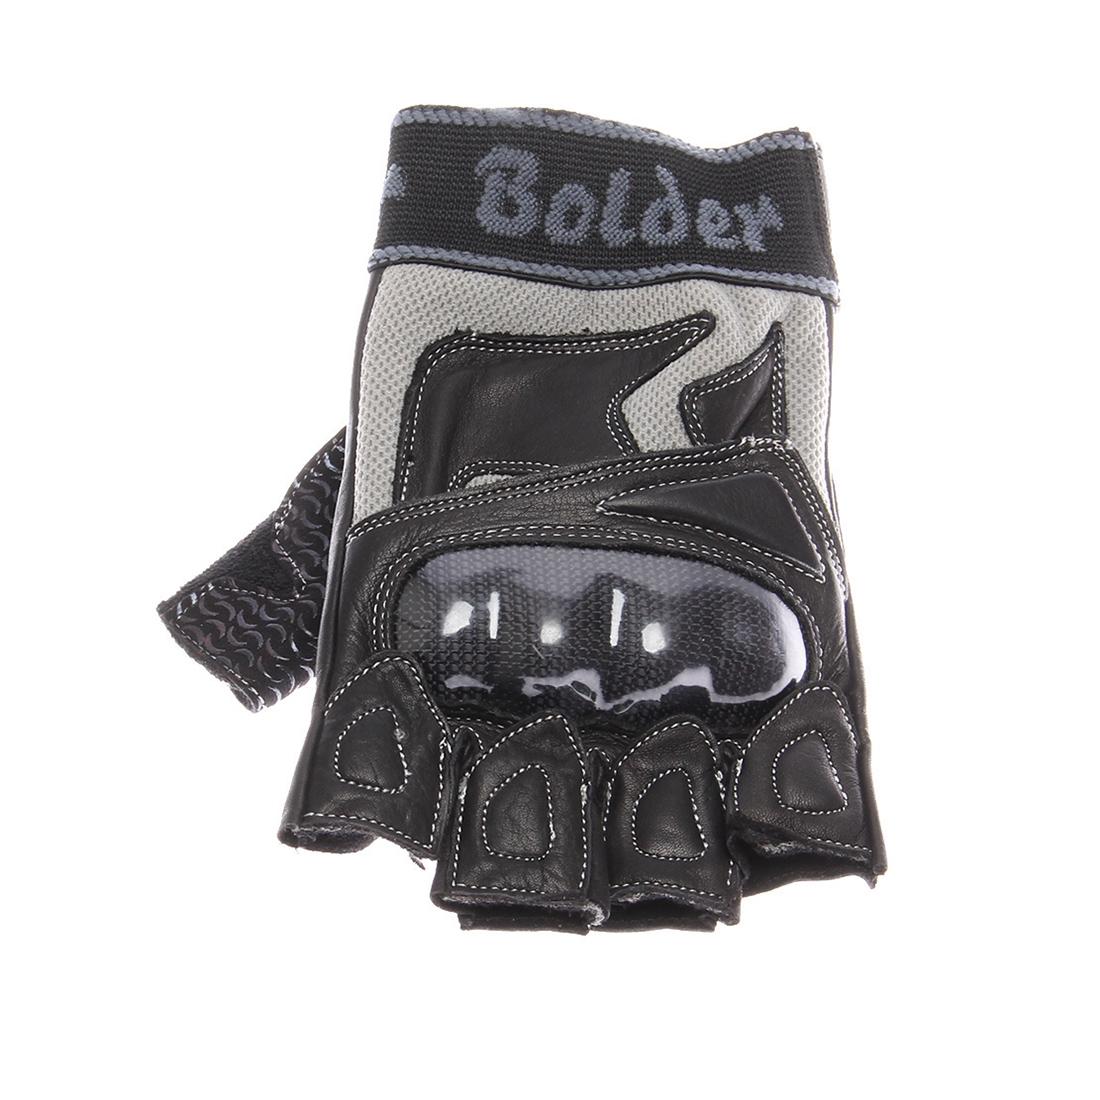 Retro rukavice na motorku - Bolder.cz - Oblečeme každého! 2ebdc44a60